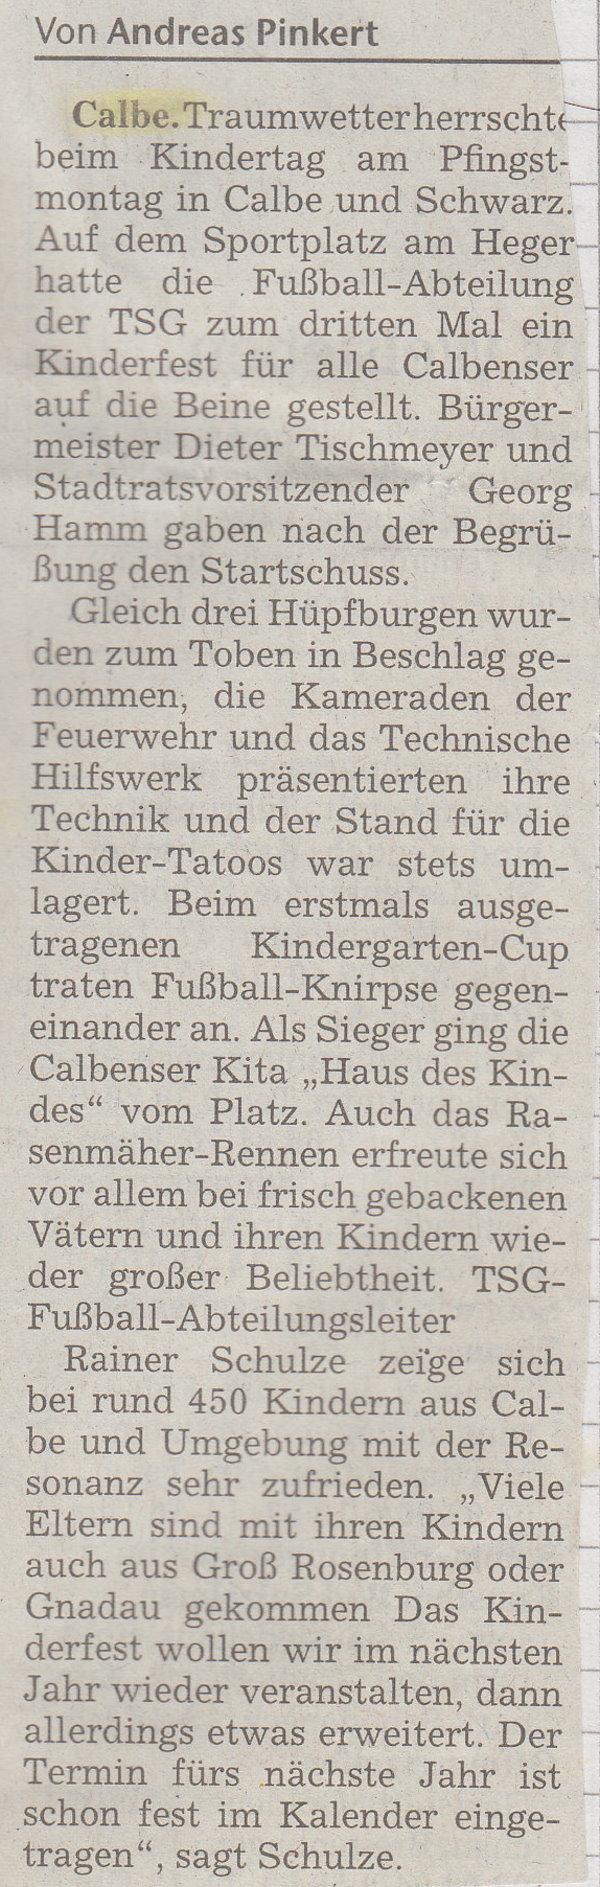 Artikel von Andreas Pinkert.